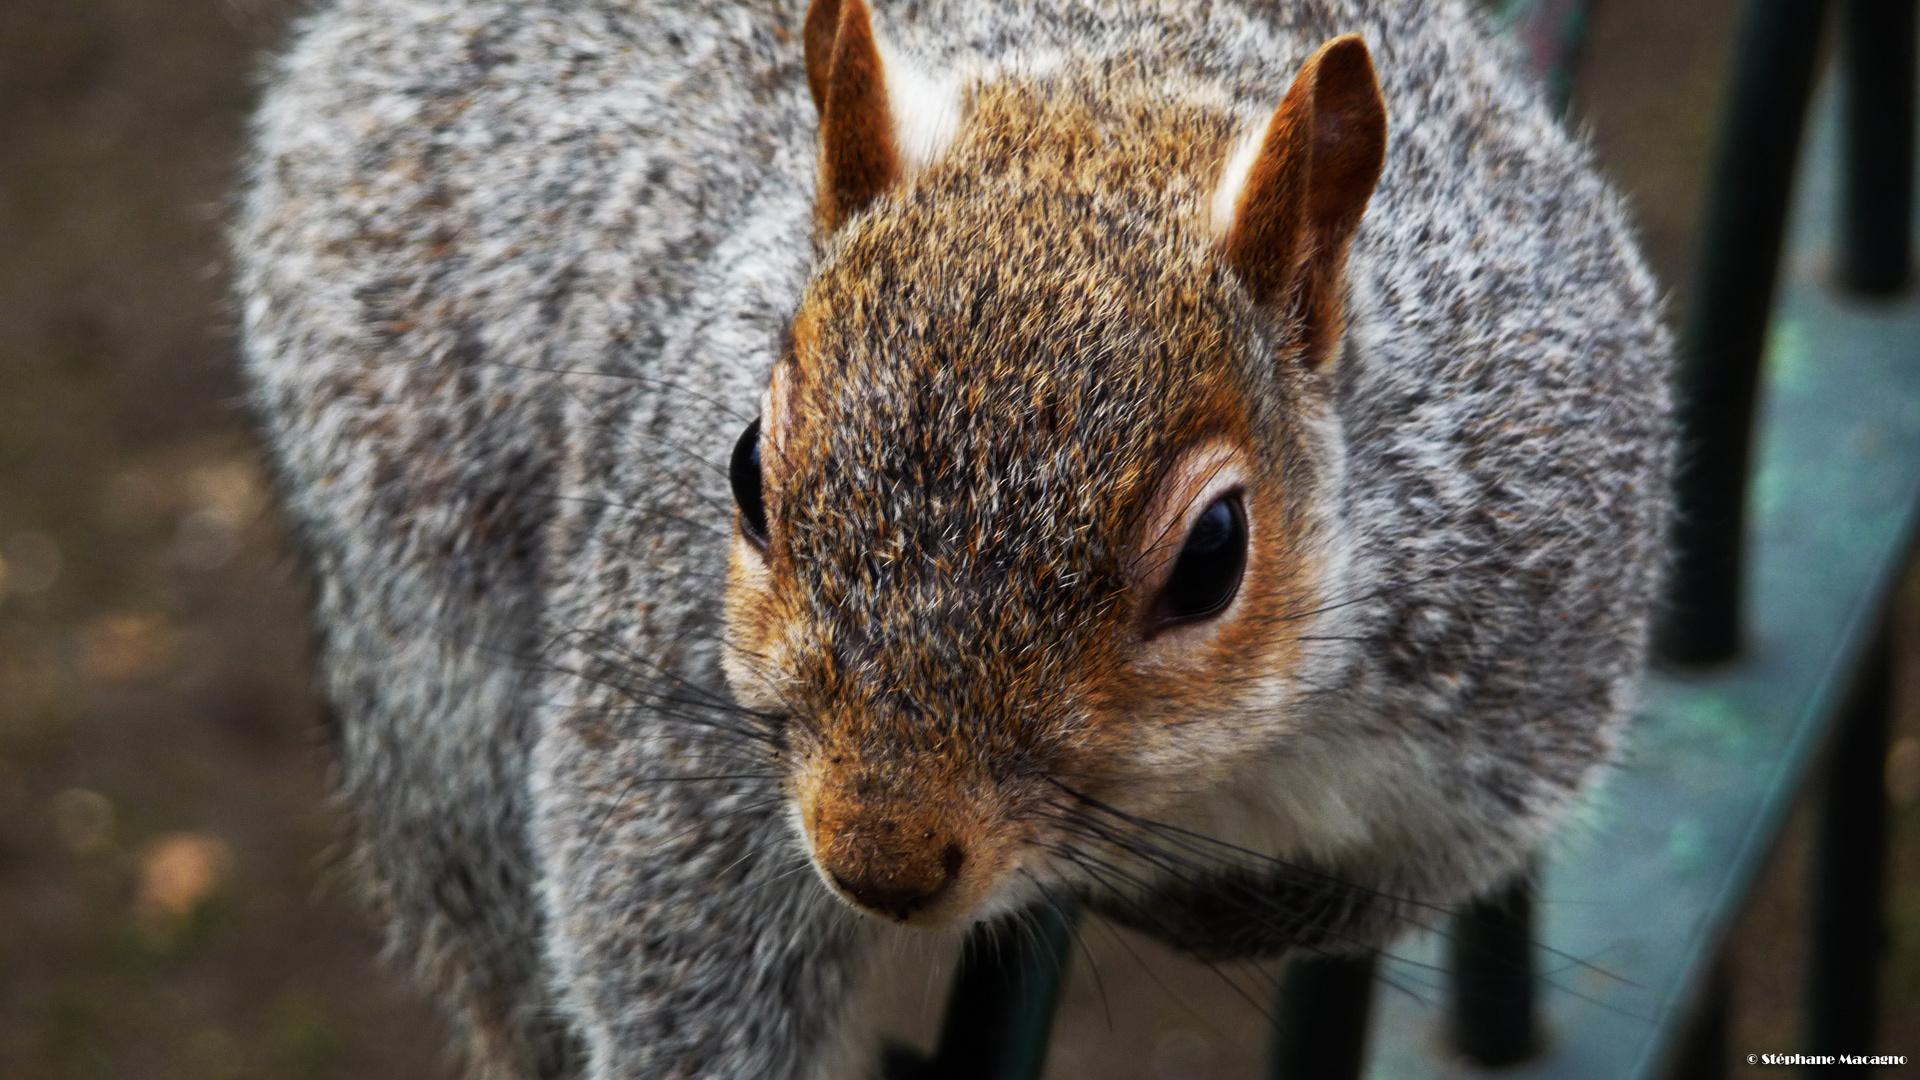 La pose de l'écureuil